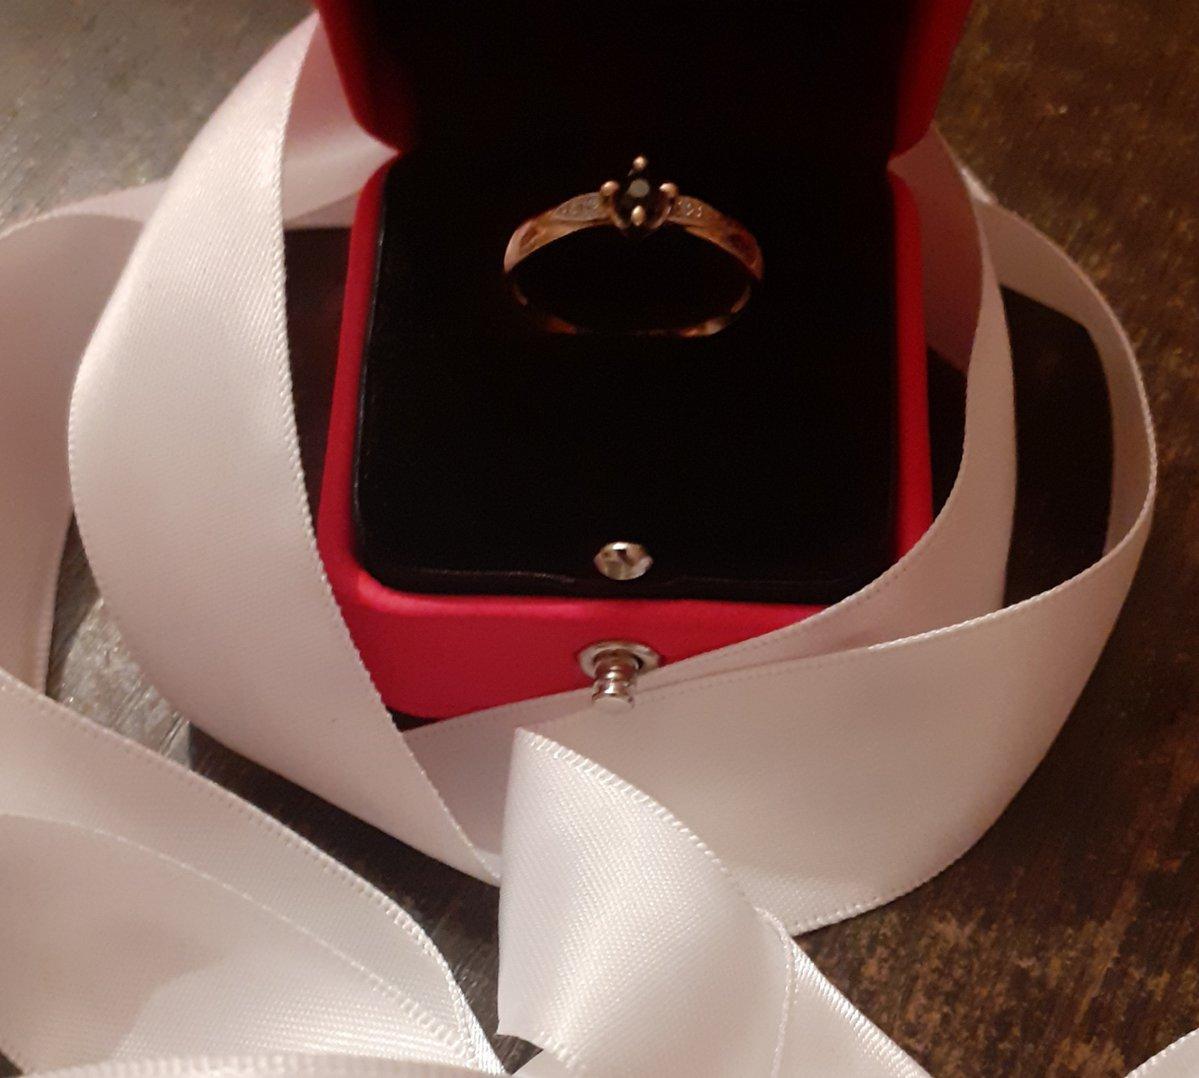 Великолепнейшее кольцо!!! классика,выразительное)  очень довольна покупкой!